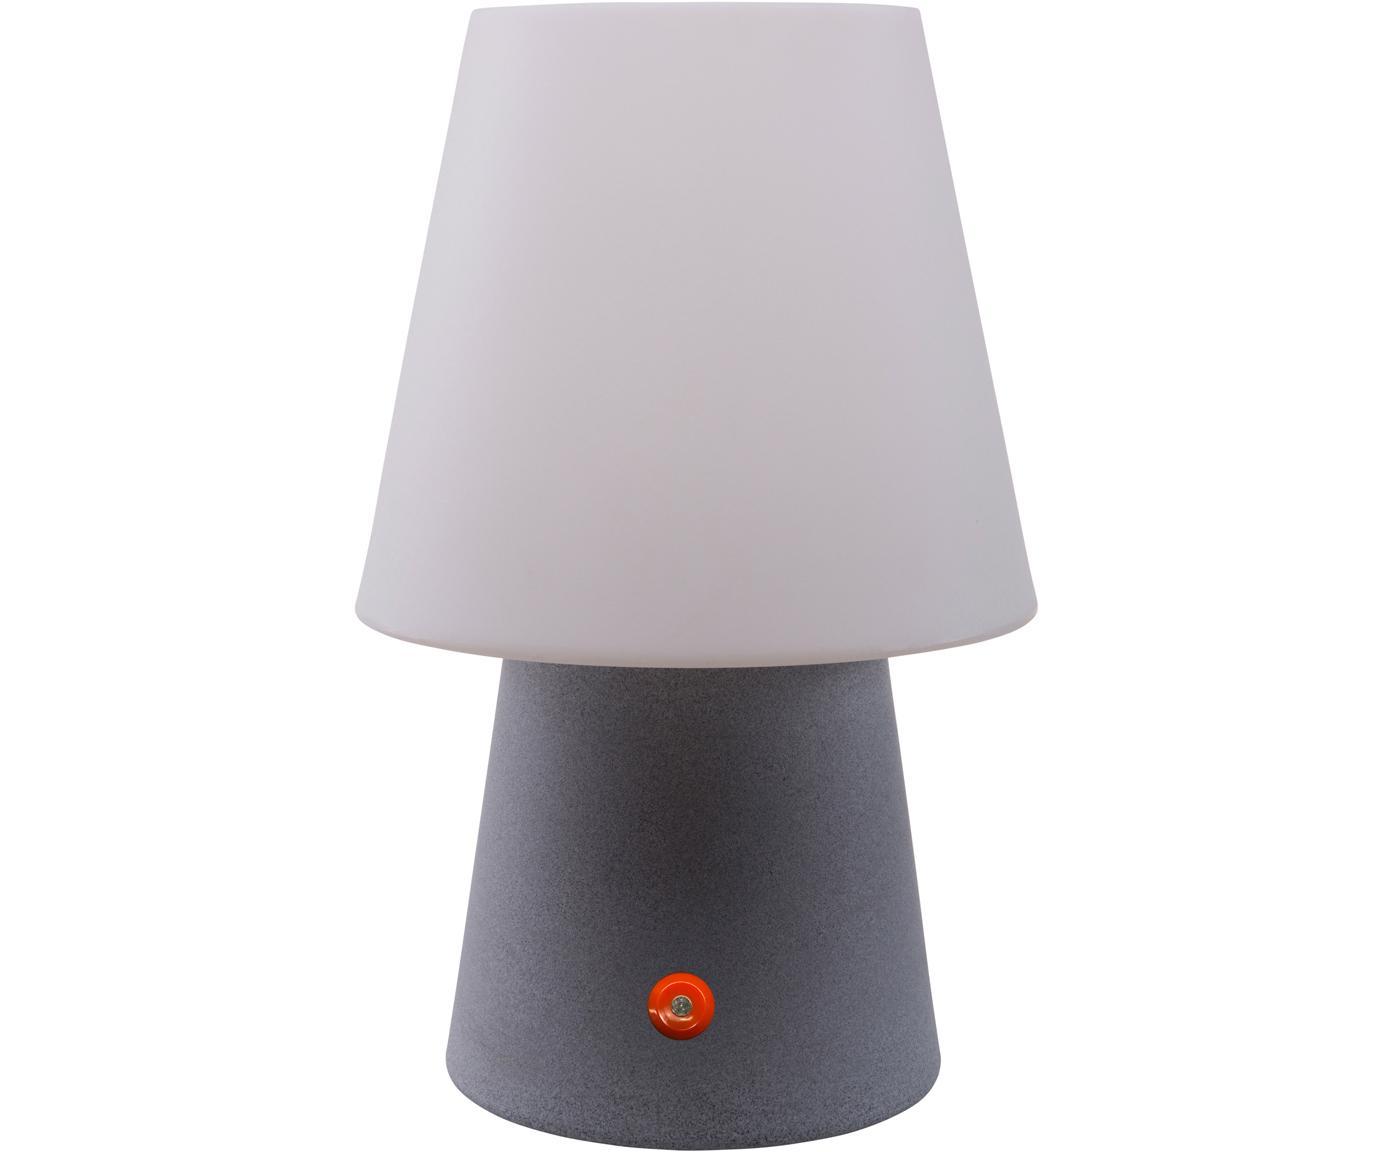 Mobile LED Außentischleuchte No. 1, Kunststoff (Polyethylen), Weiß, Grau, Ø 18 x H 29 cm